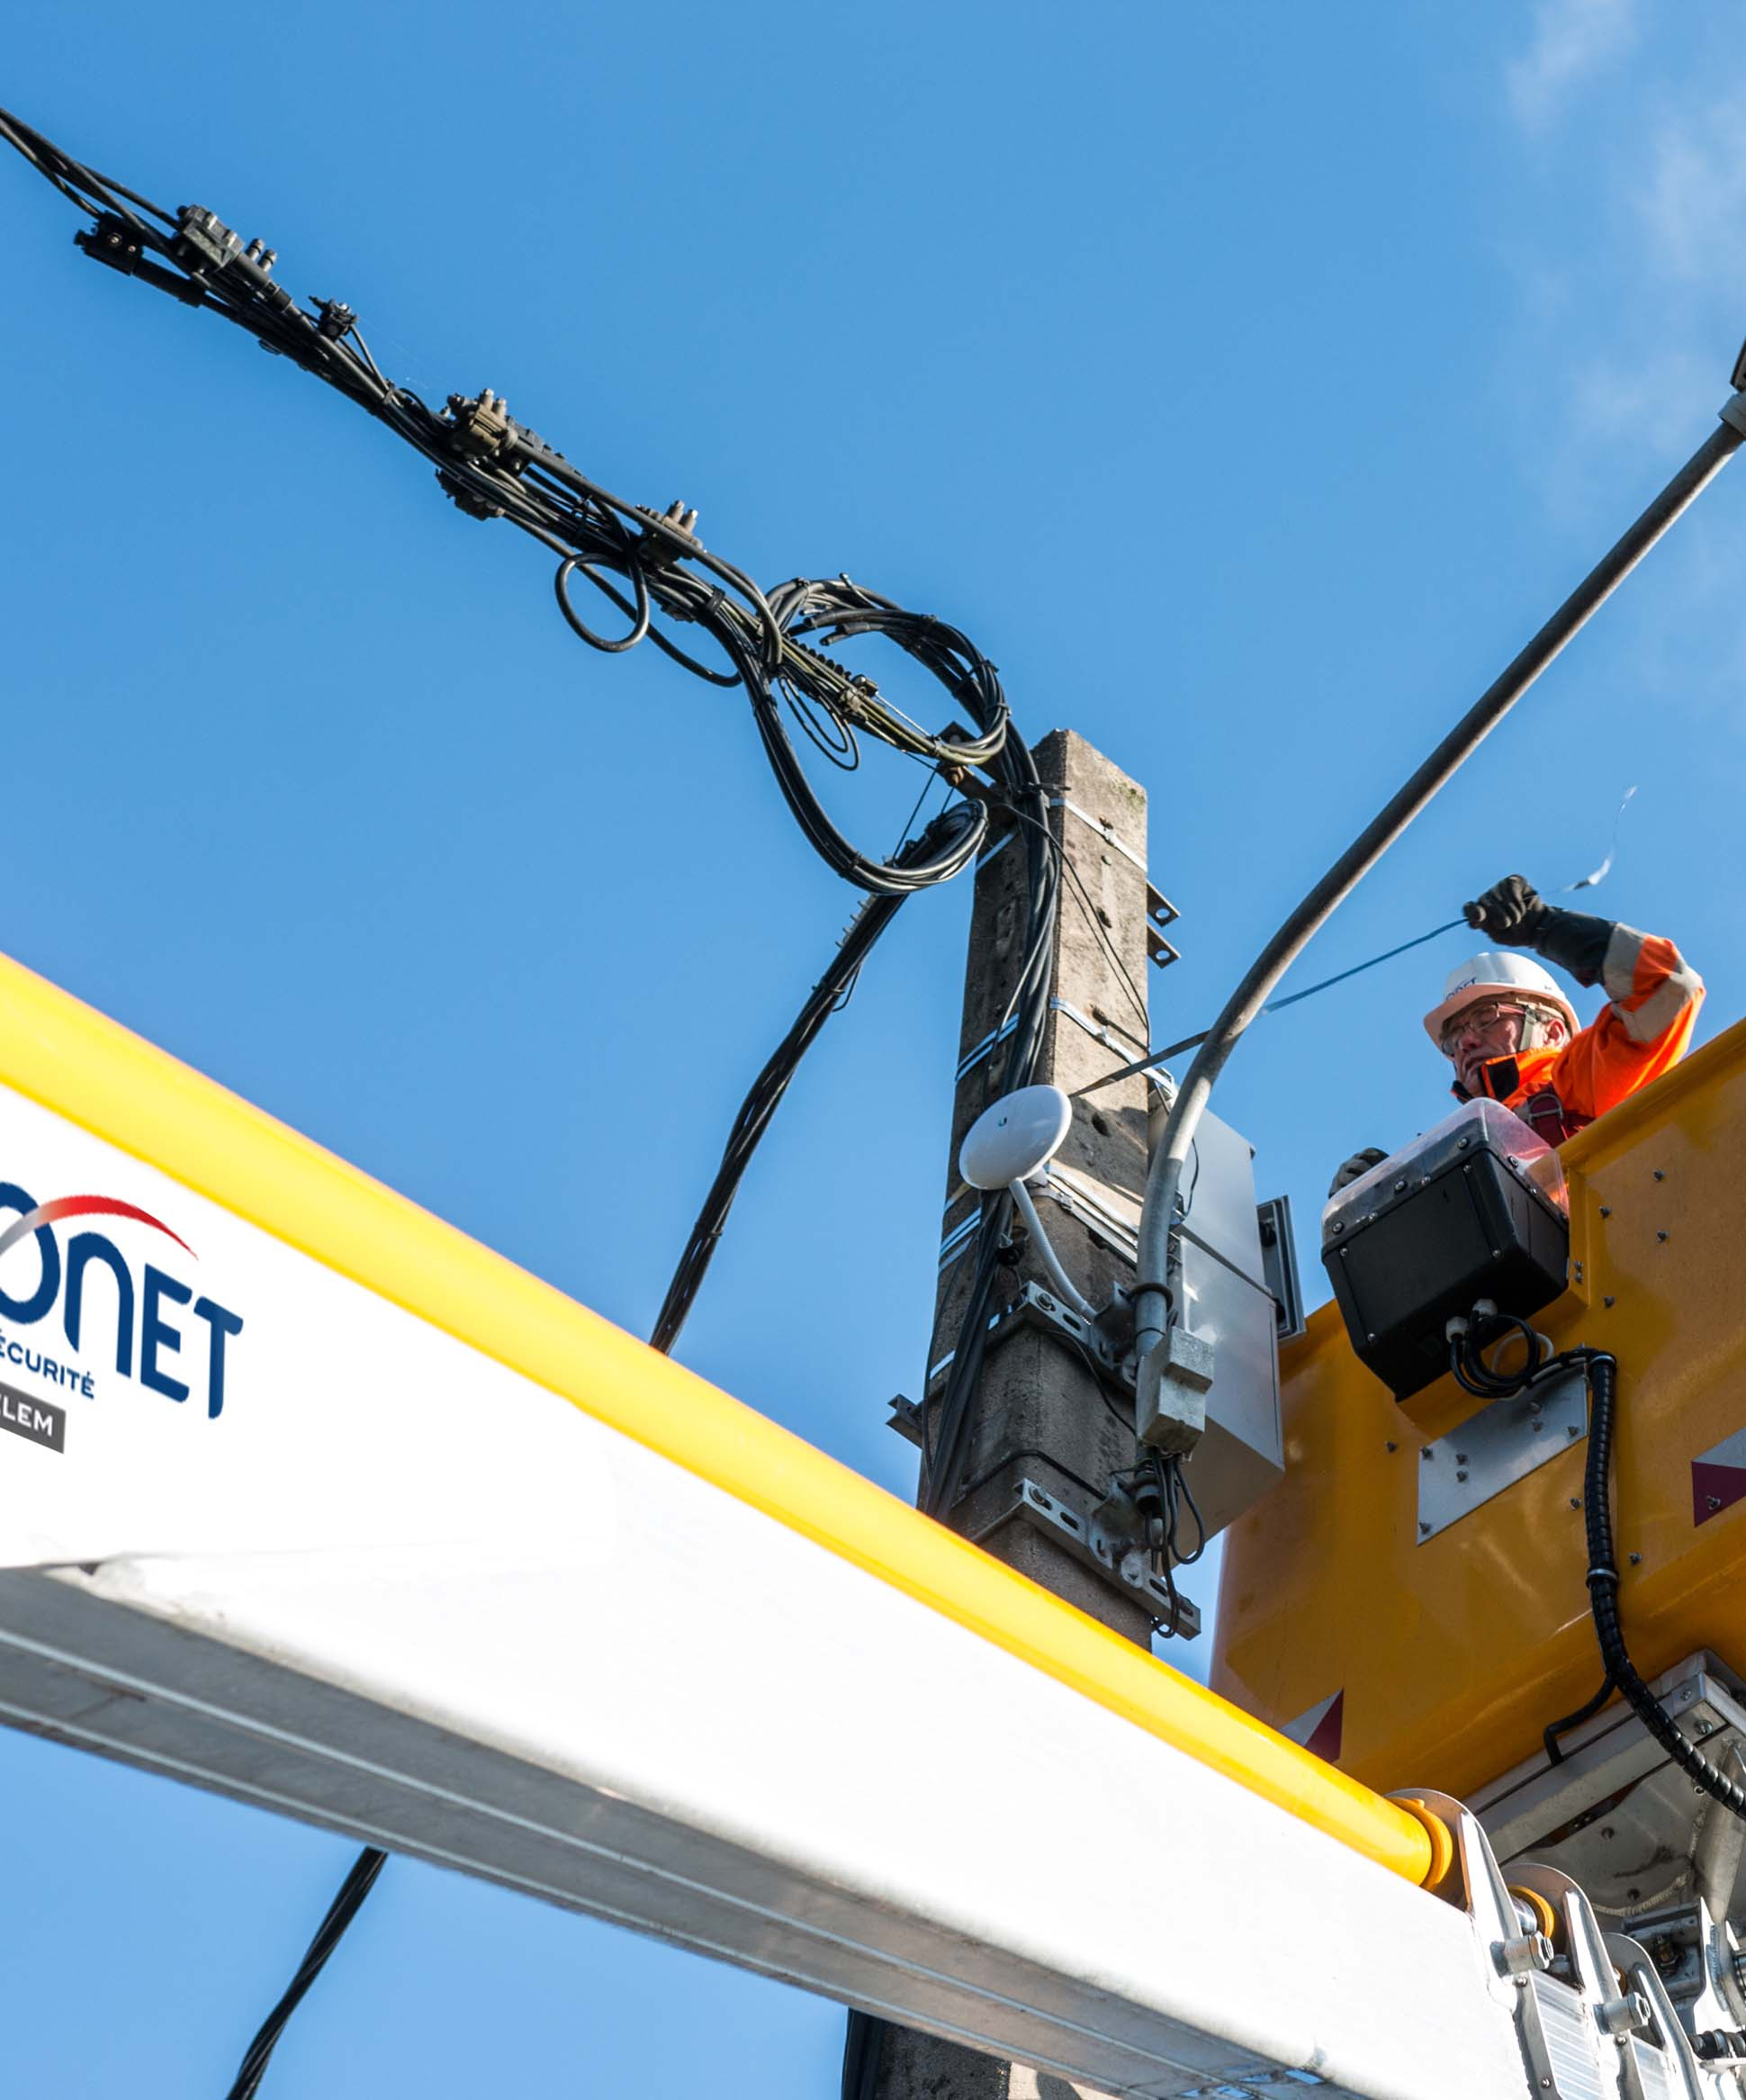 Onet Sécurité Electronique Maintenance et Service